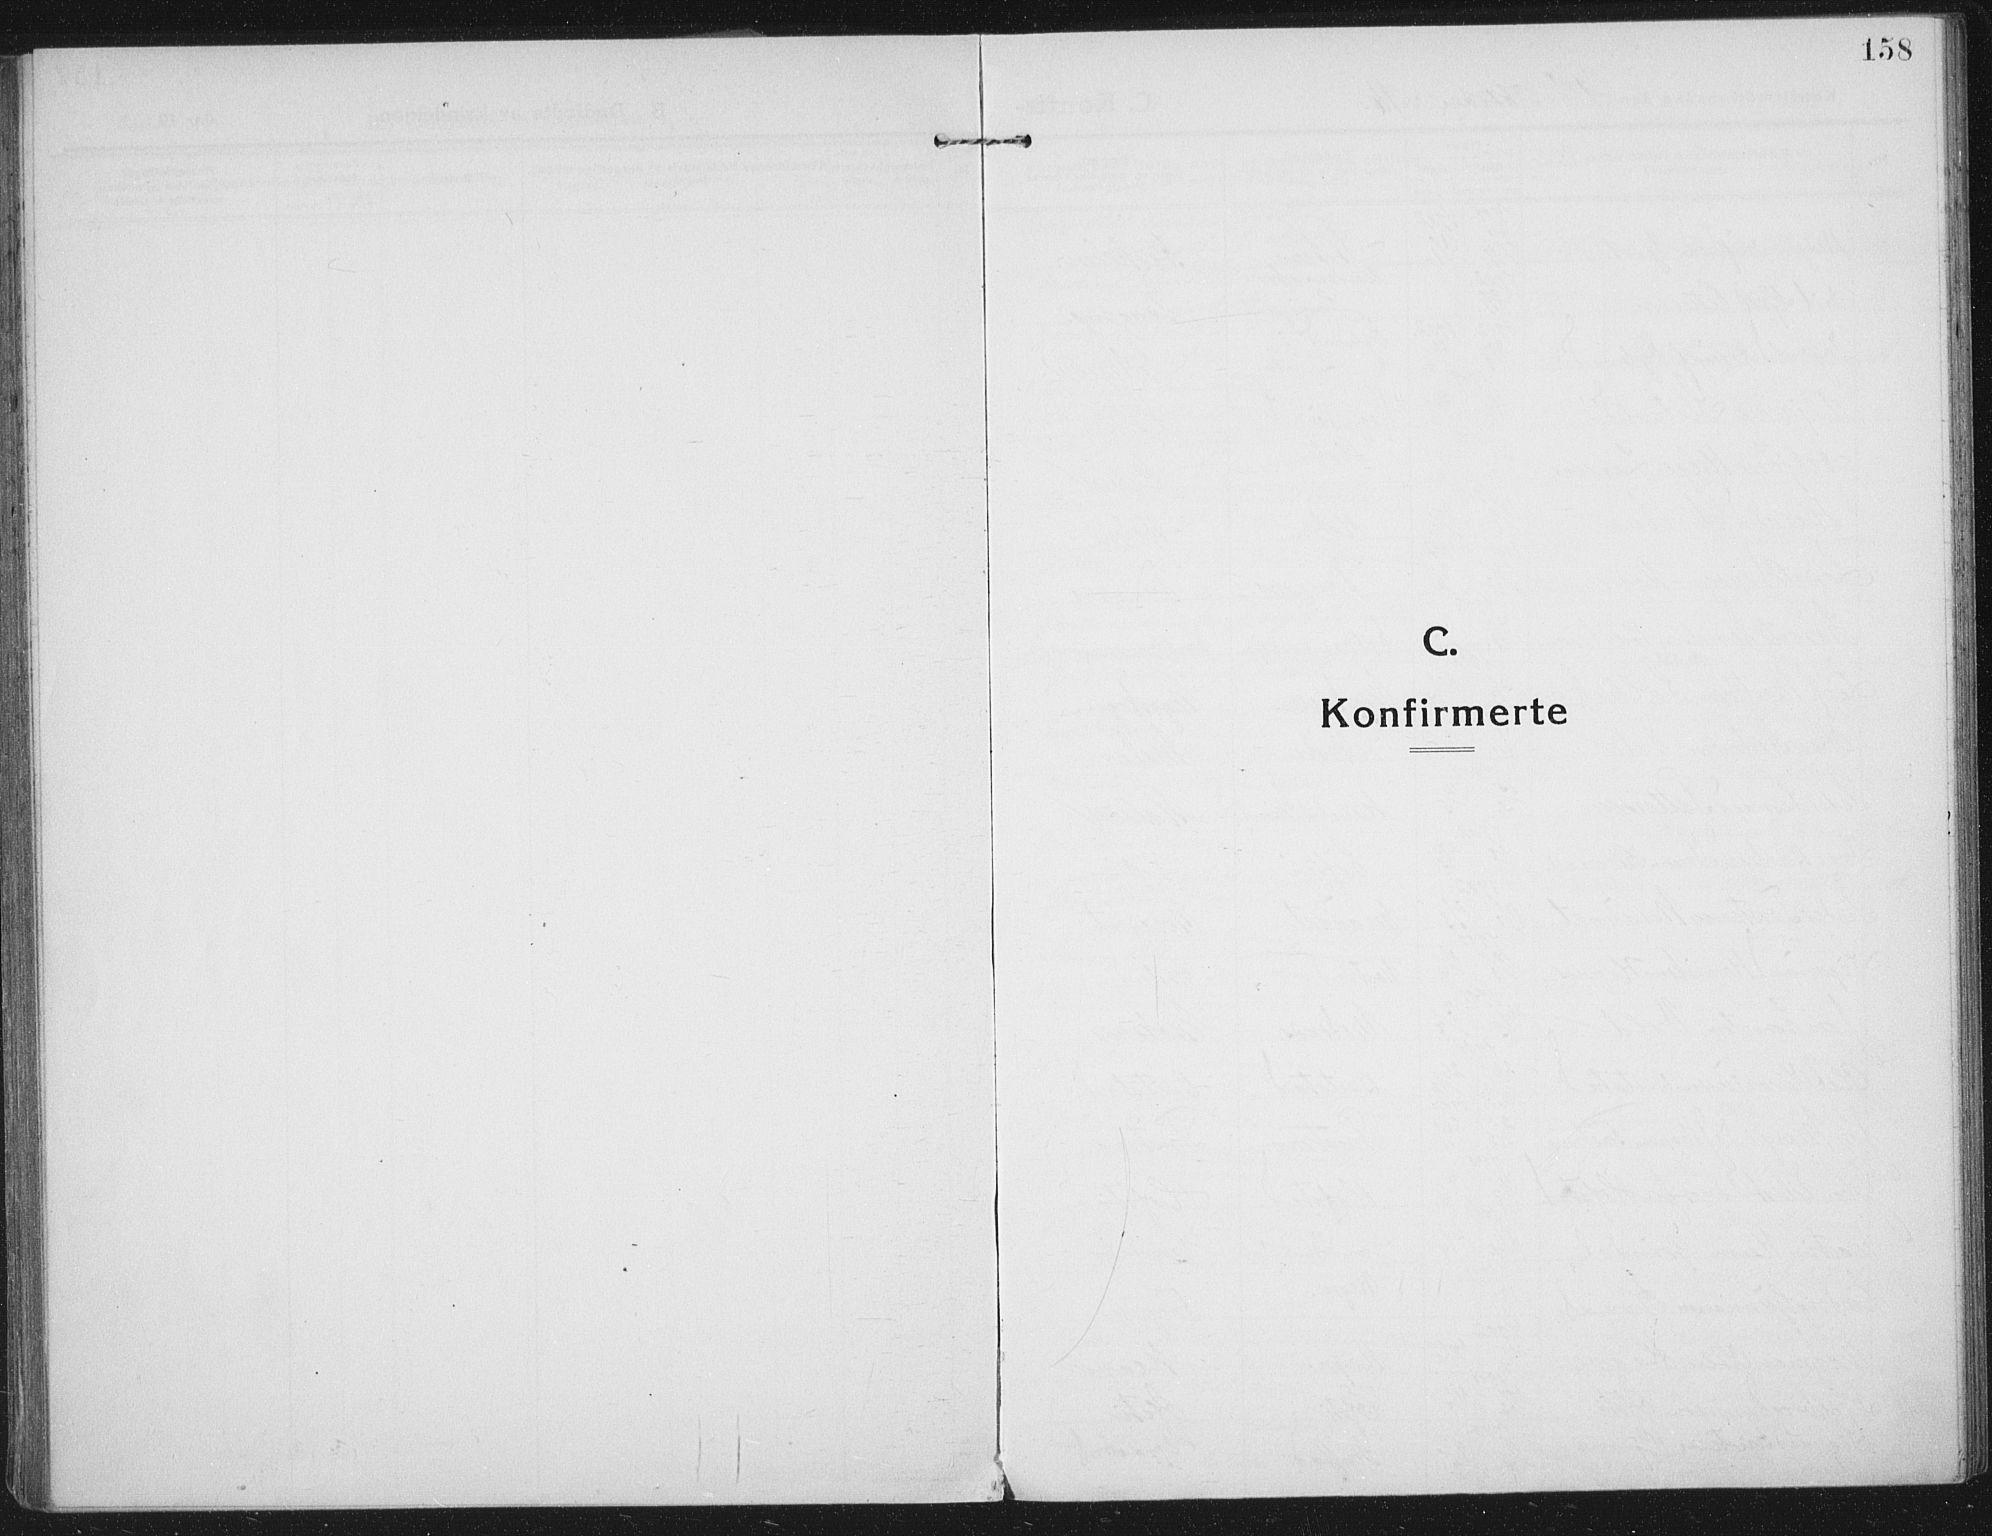 SAT, Ministerialprotokoller, klokkerbøker og fødselsregistre - Nord-Trøndelag, 709/L0083: Ministerialbok nr. 709A23, 1916-1928, s. 158